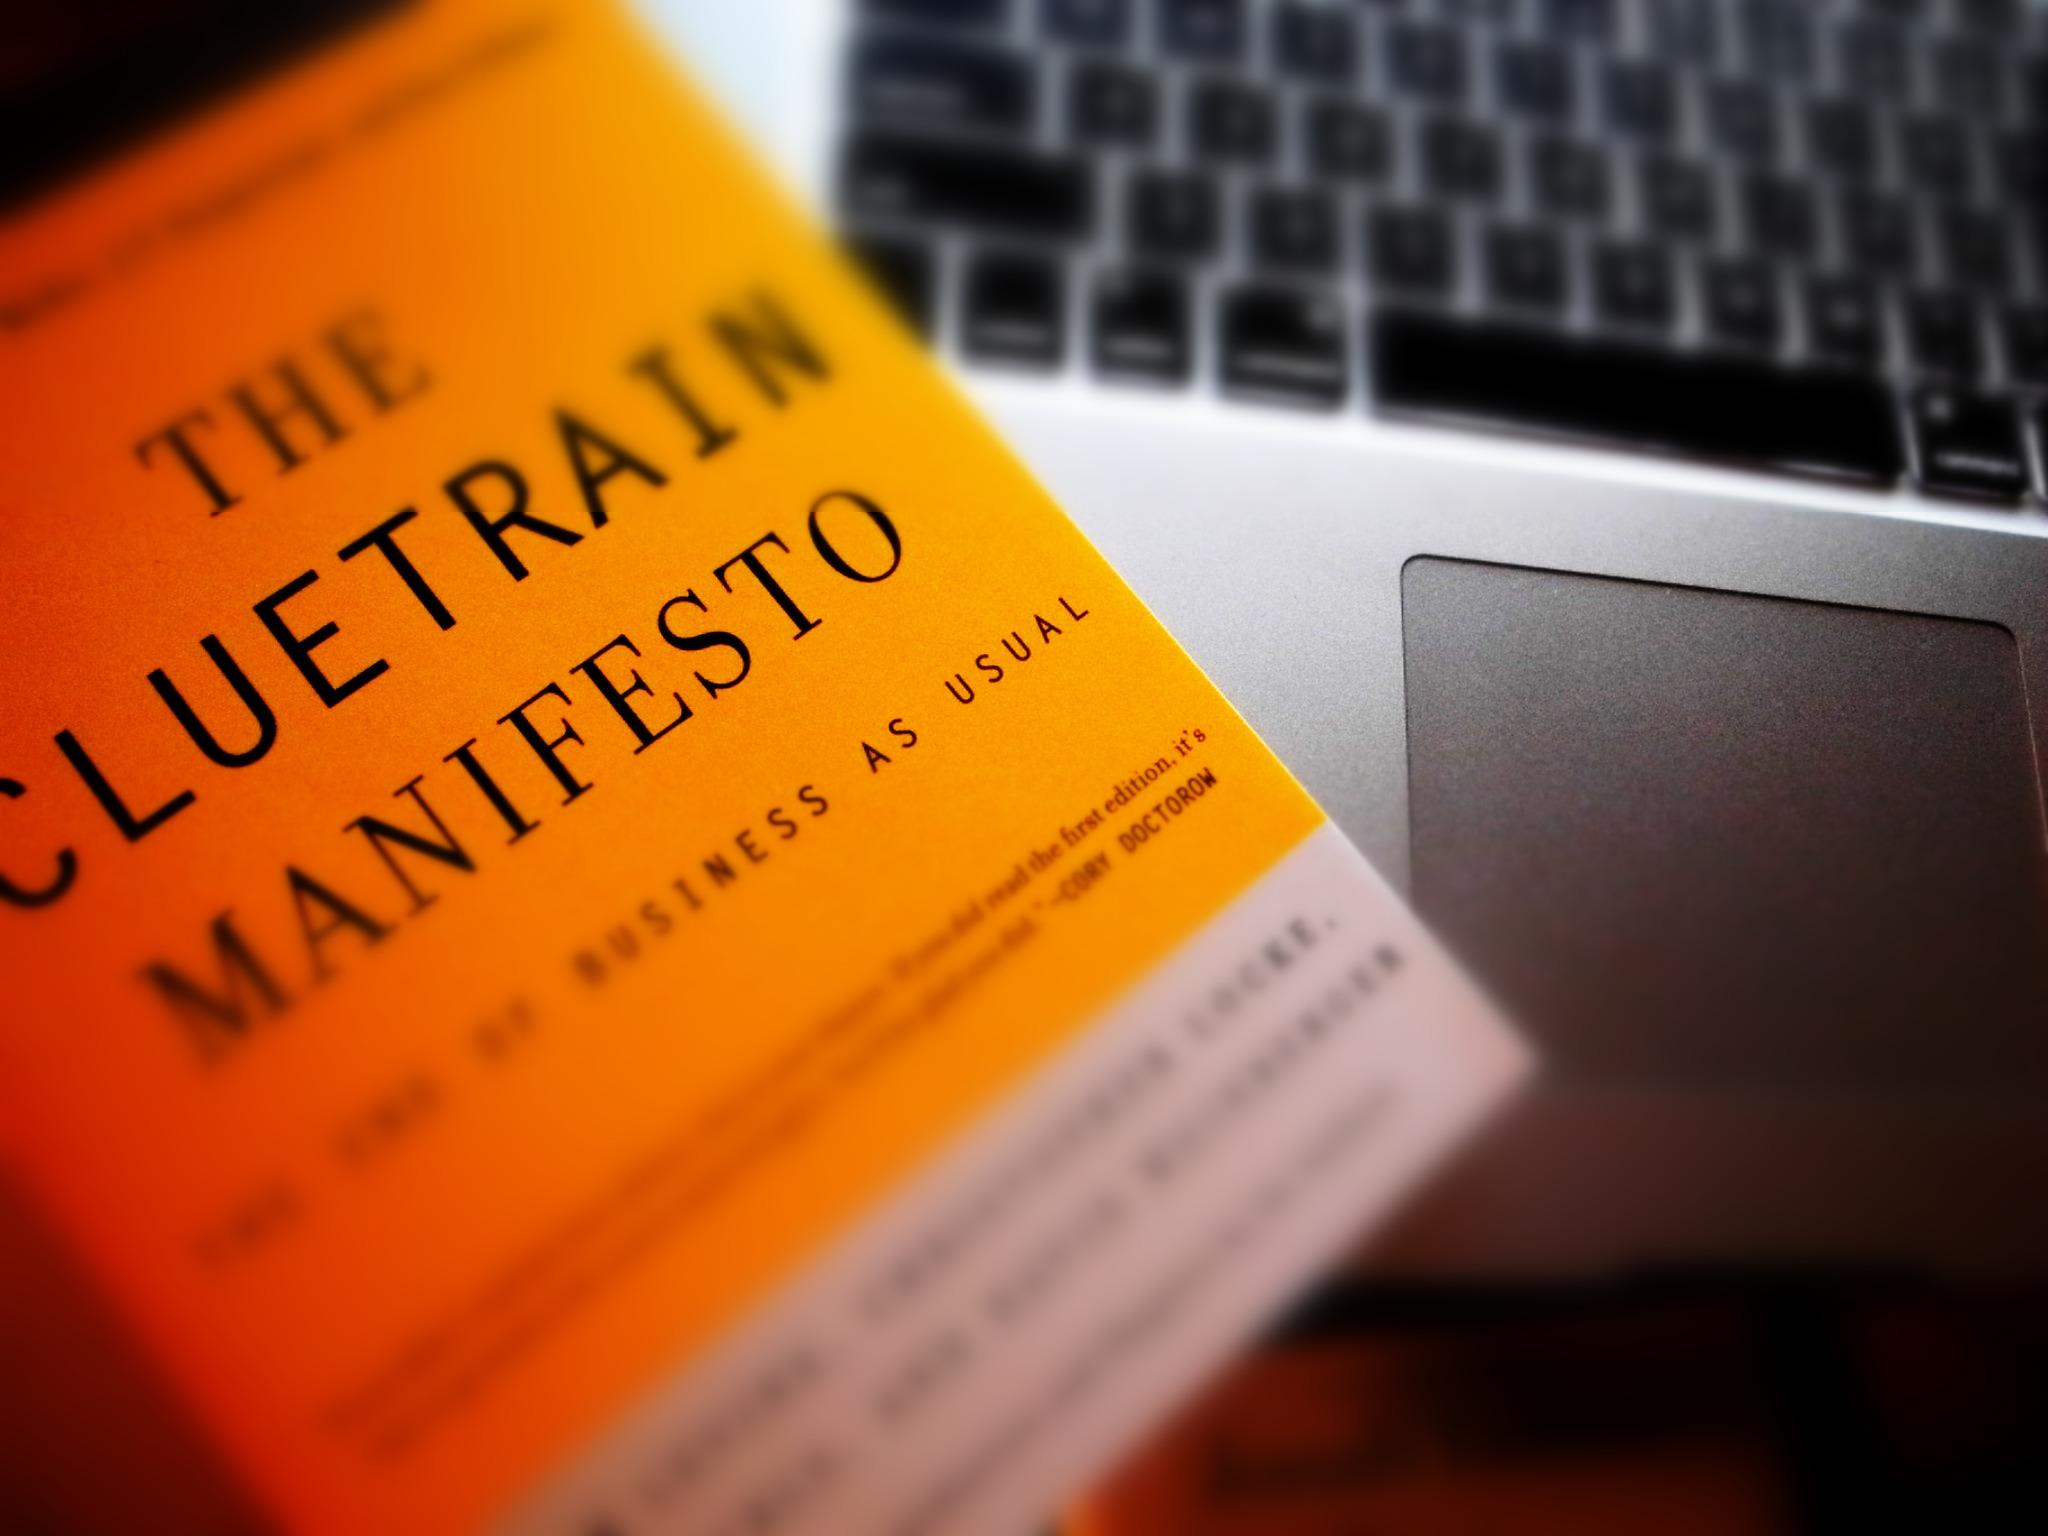 cluetrain manifesto web